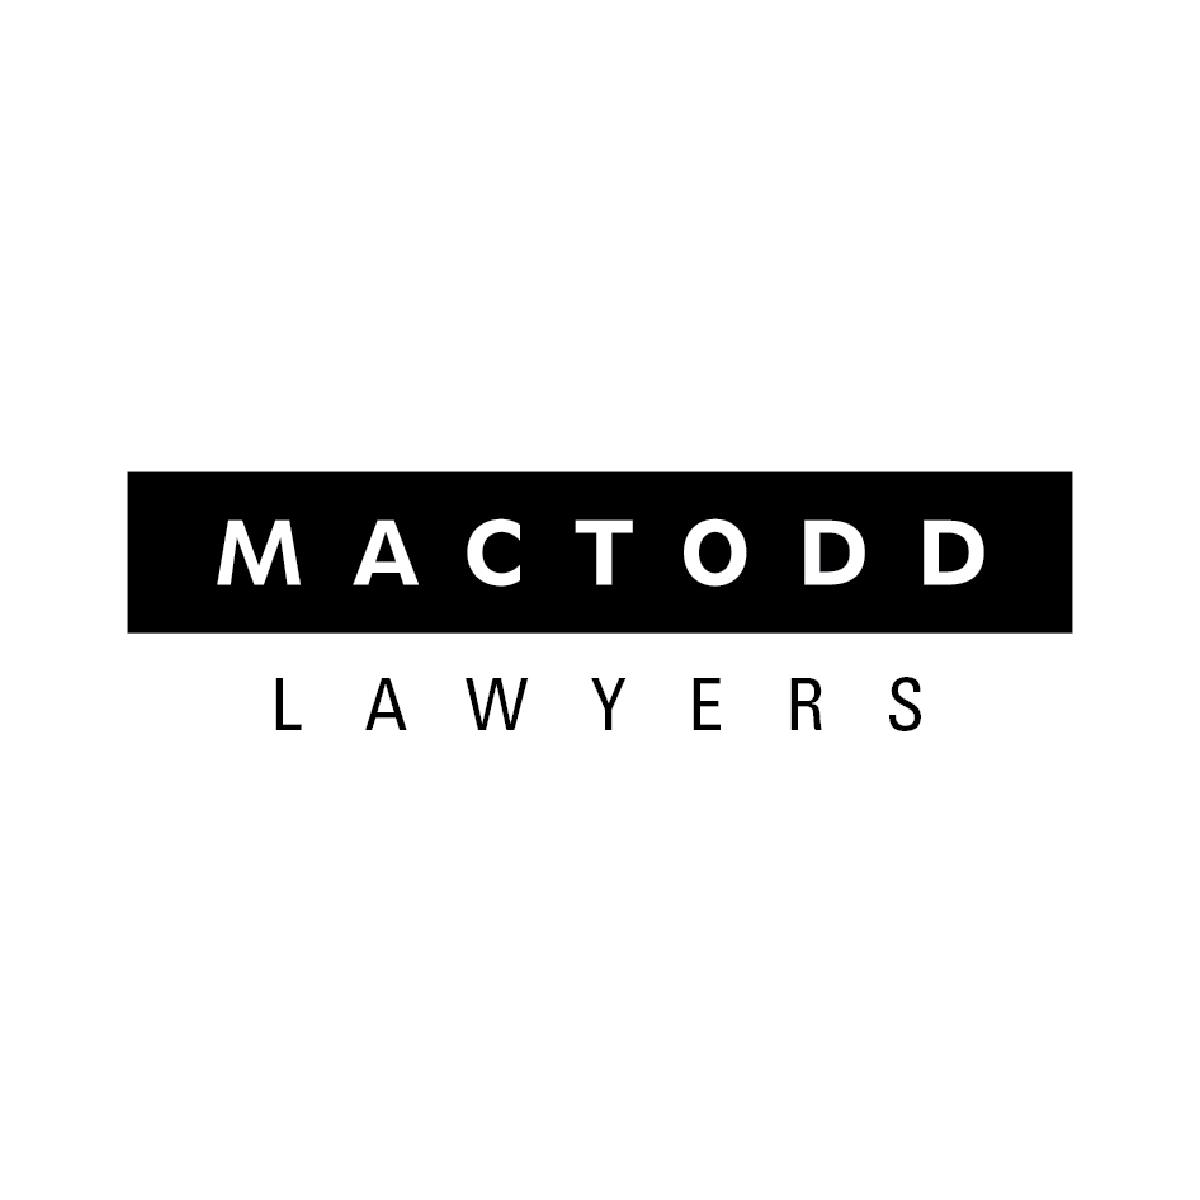 mactodd_2x